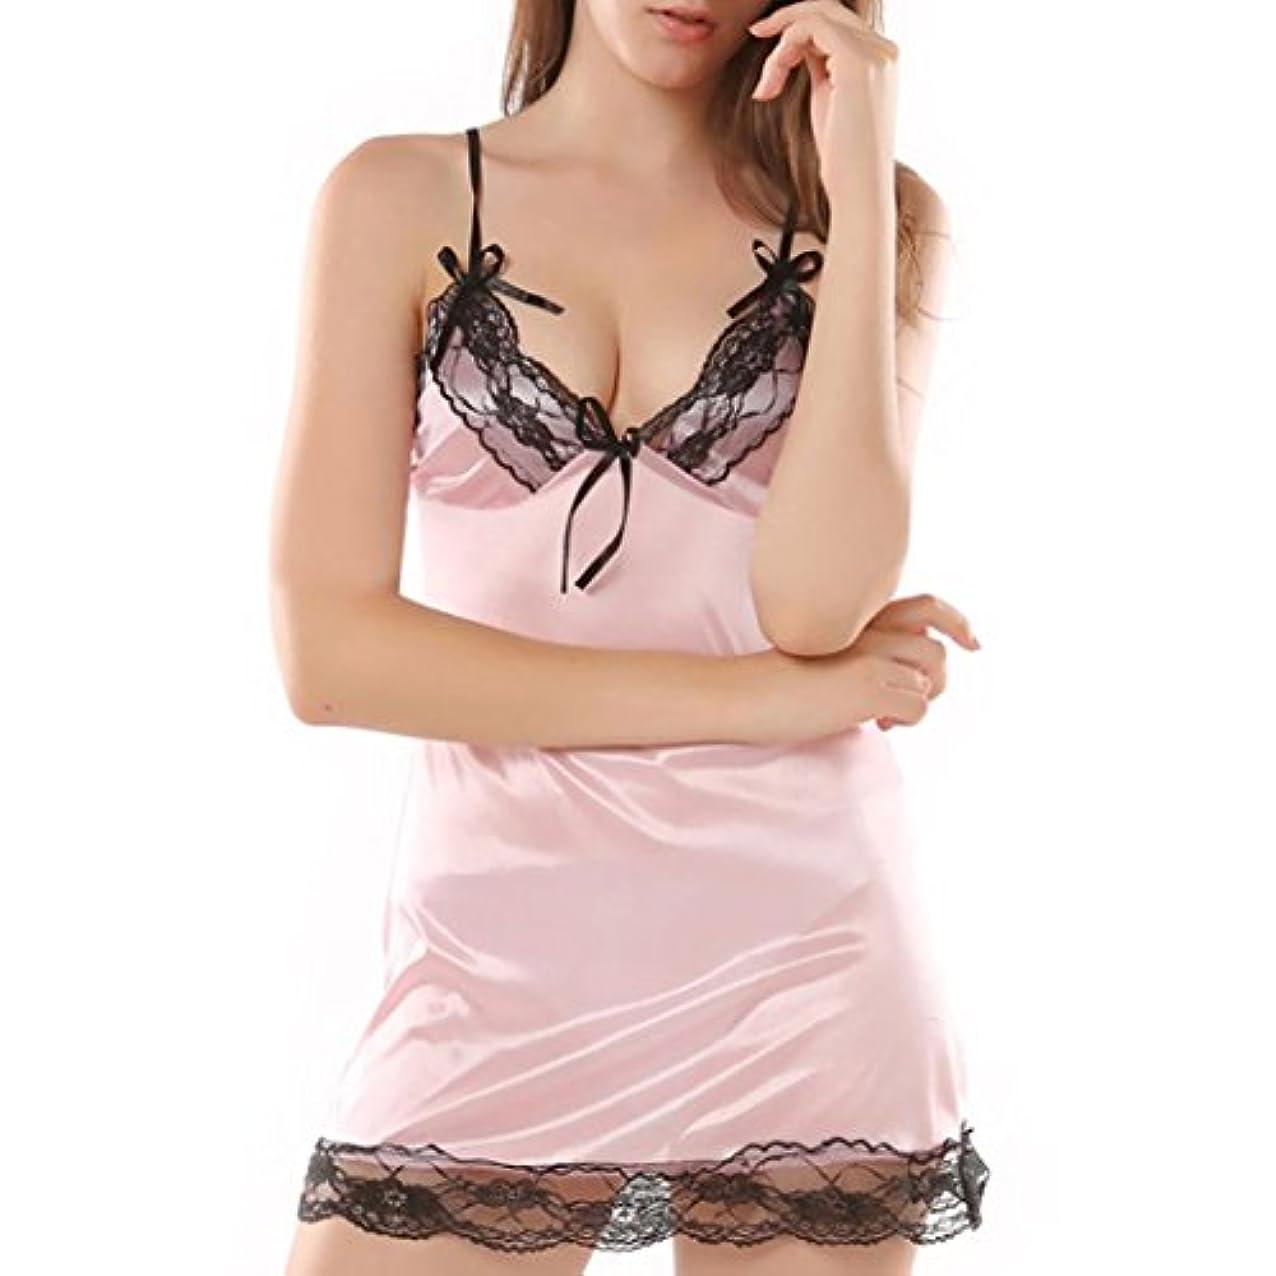 コスチューム辞任スペアMhomzawa レースの下着ファッションセクシープラスサイズの服は下着の寝巻の誘惑